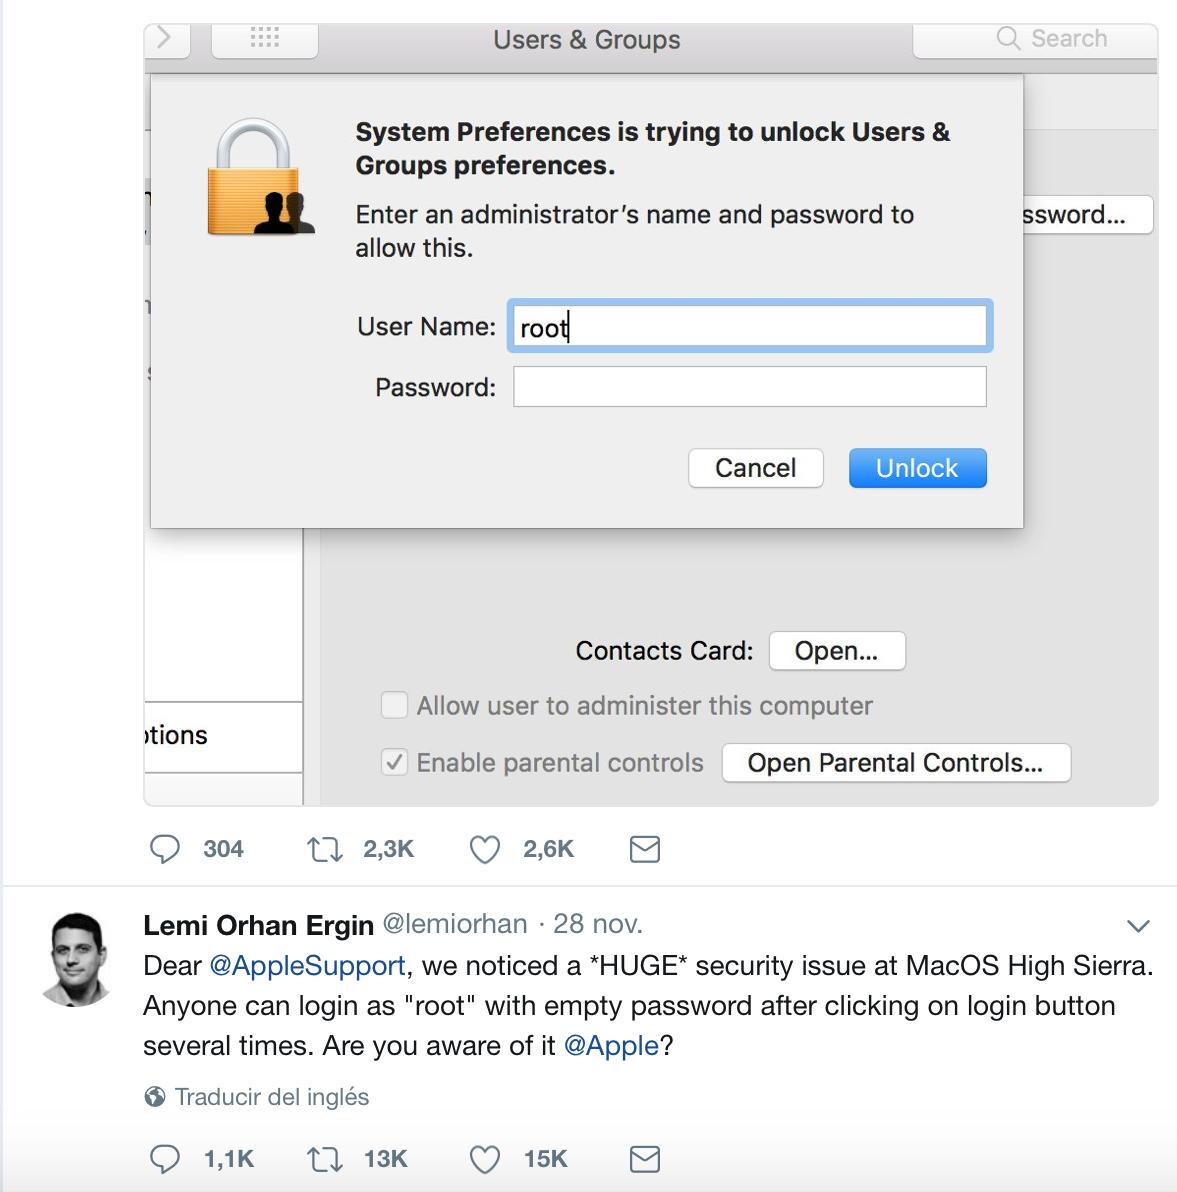 La vulnerabilità, trovata in macOS High Sierra, avrebbe potuto permettere a chiunque di accedere come root. Nelle ultime ore è già stato rilasciato da Apple l'aggiornamento di sicurezza.